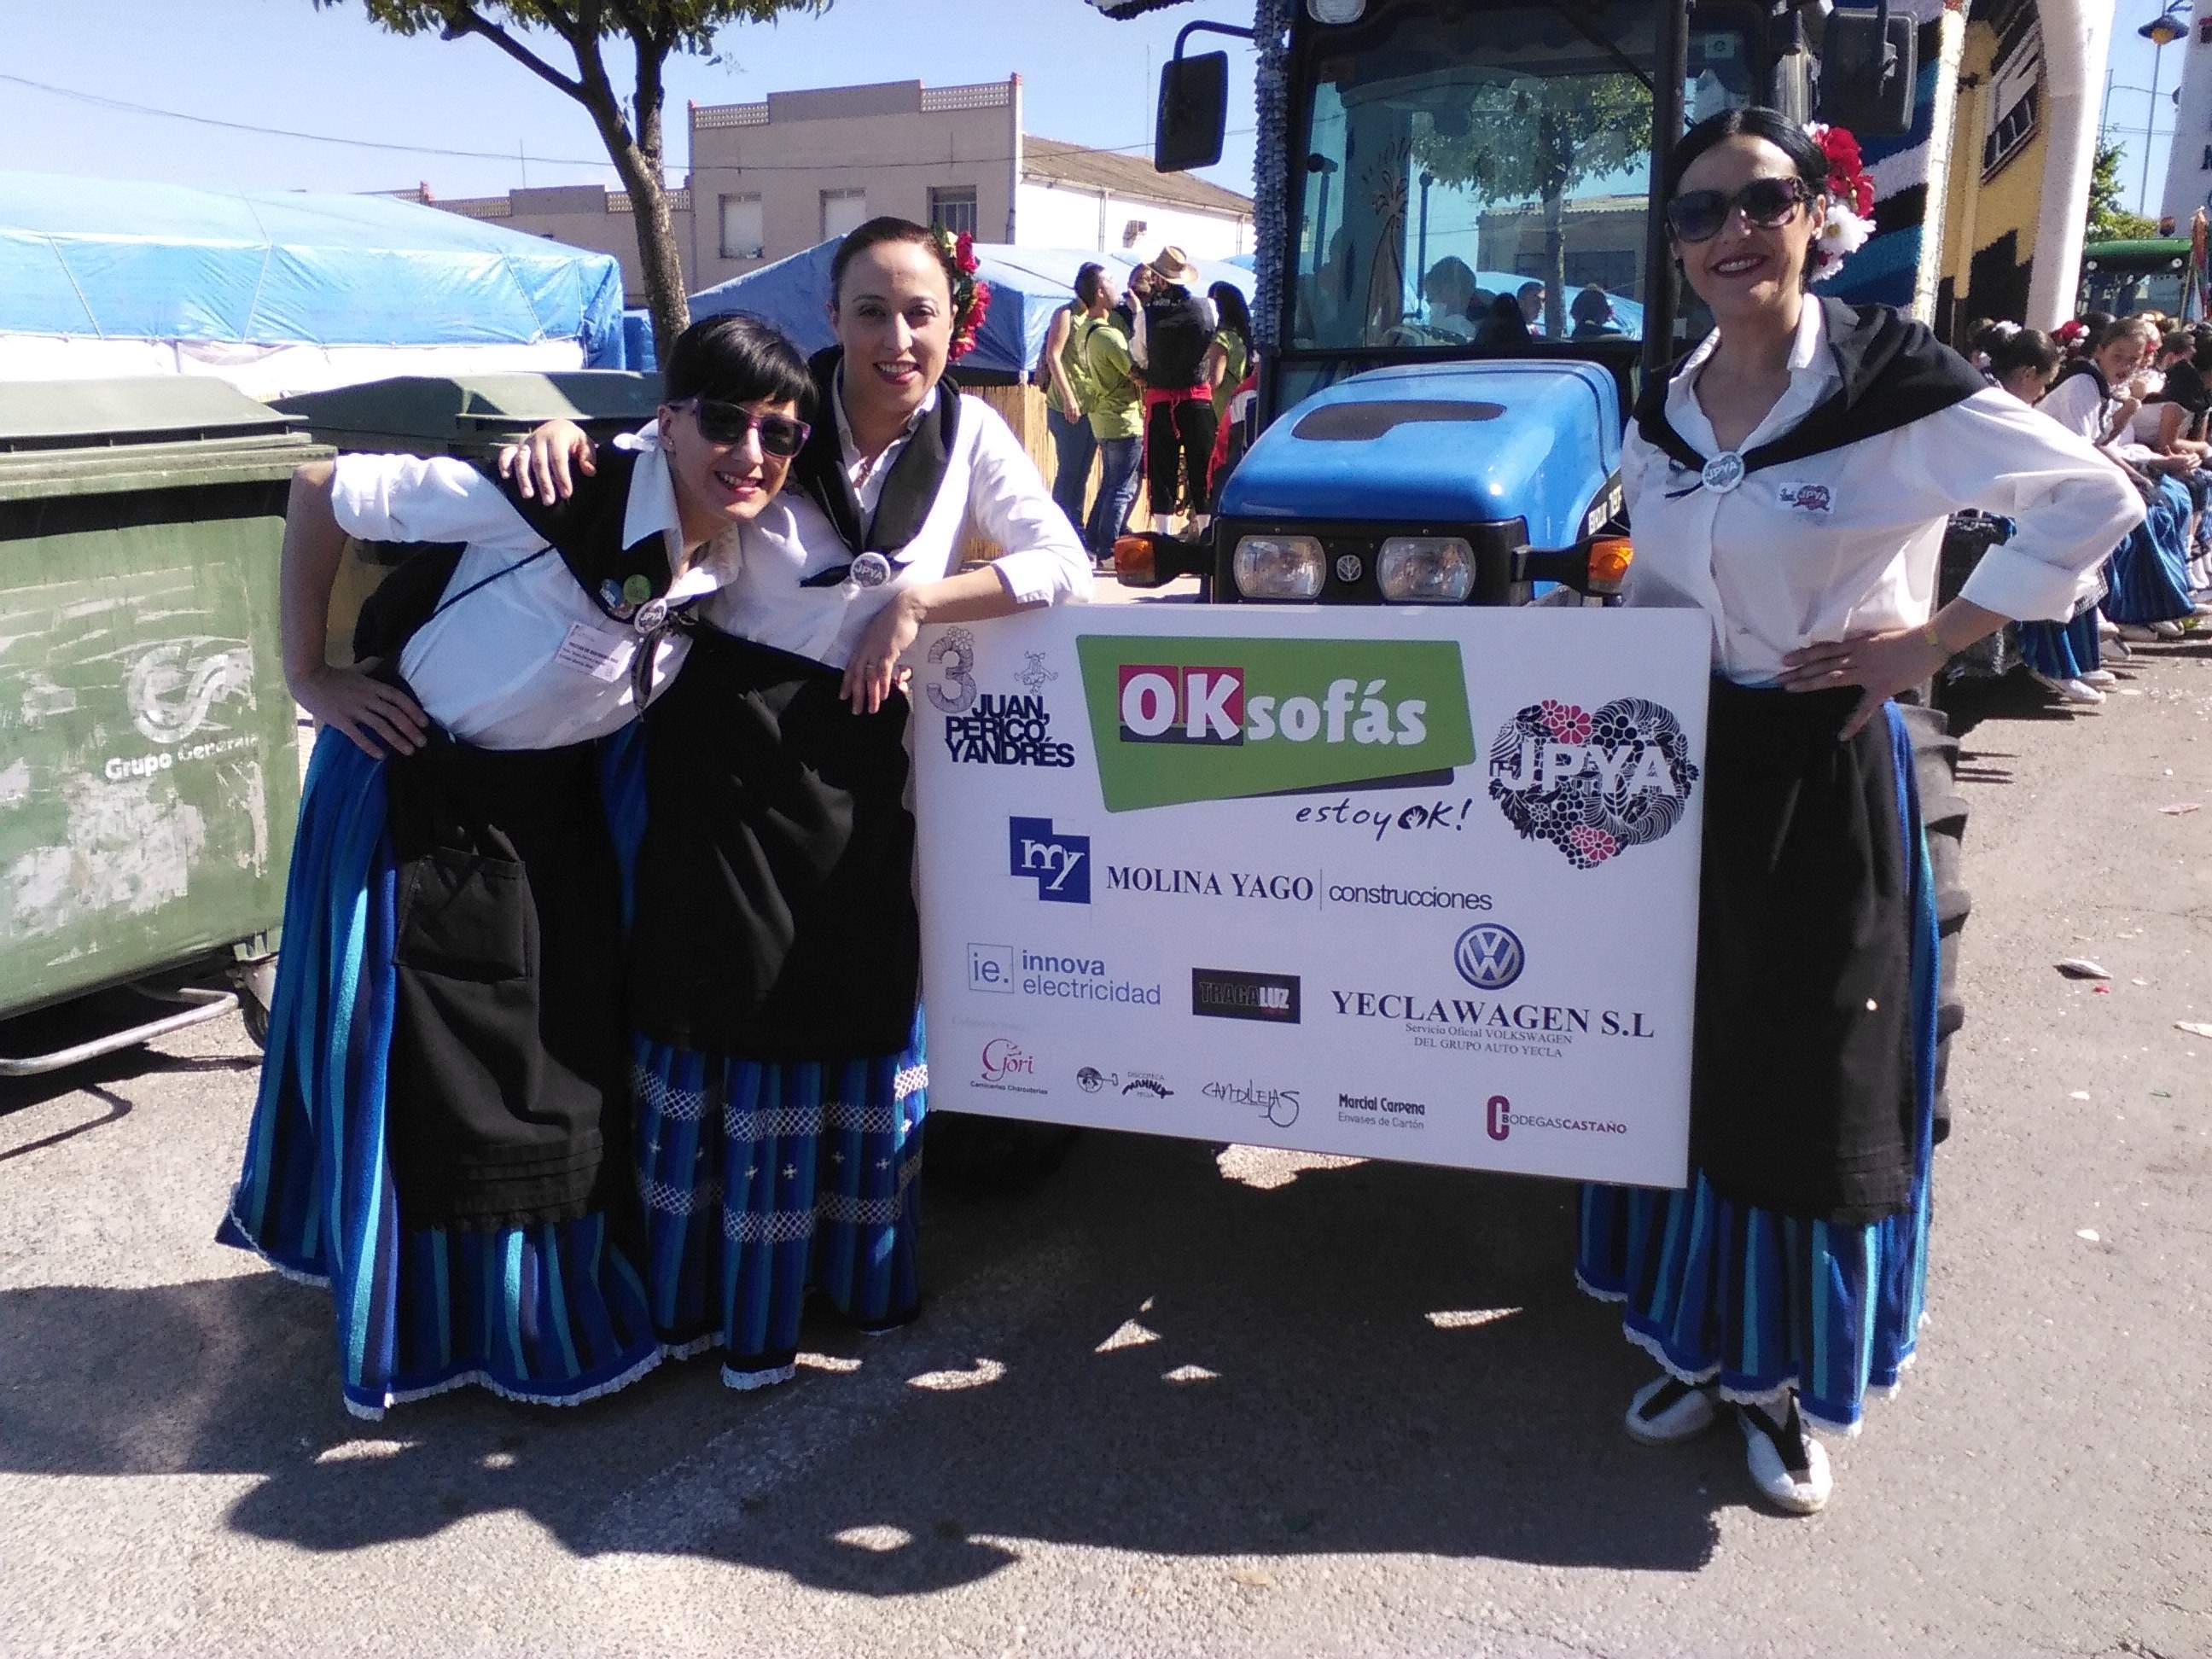 Terminan las Fiestas de San Isidro de Yecla 2015